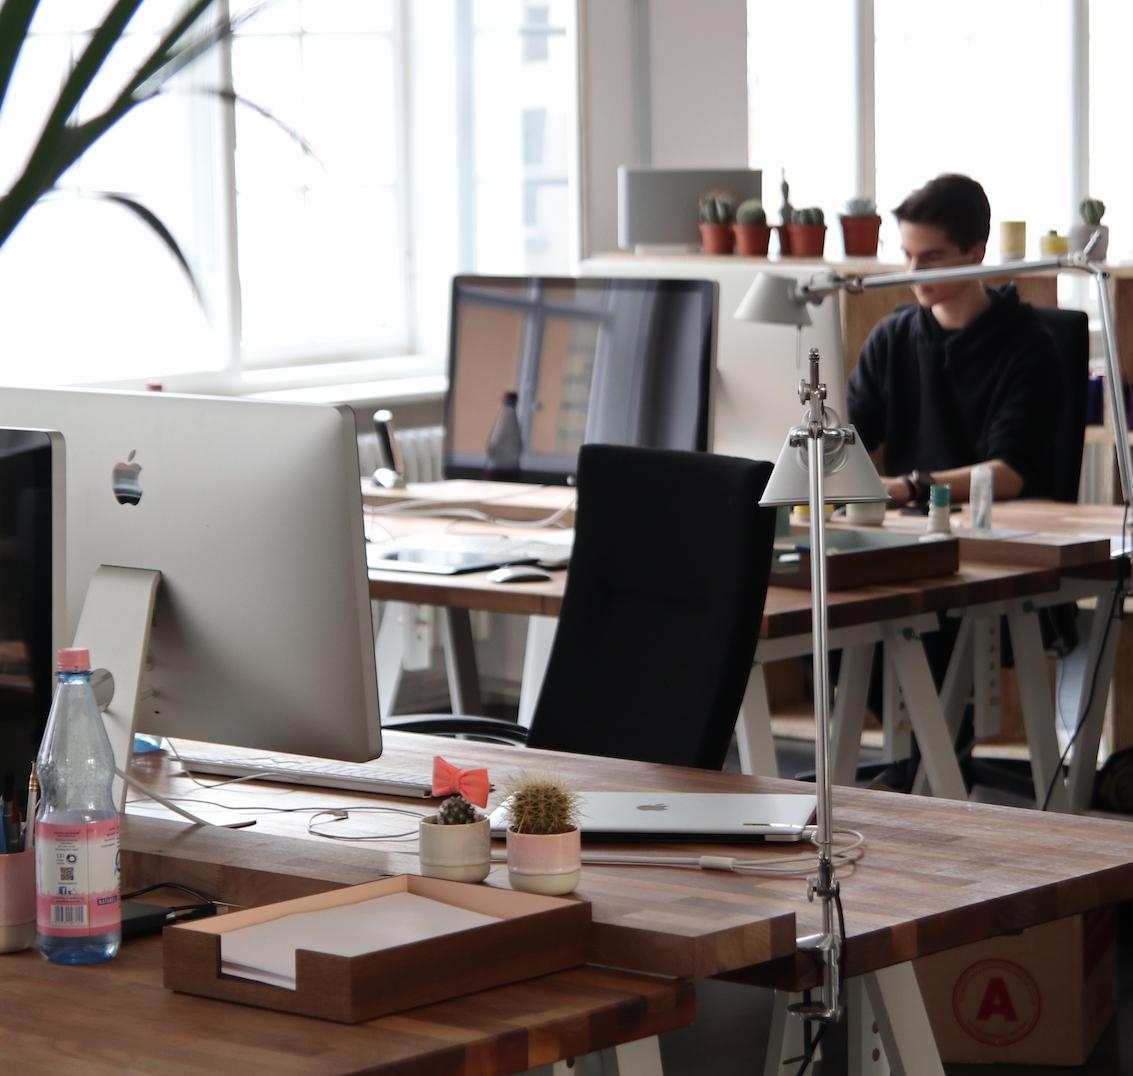 Pracownik tonajważniejszy element, decydujący osile przedsiębiorstwa